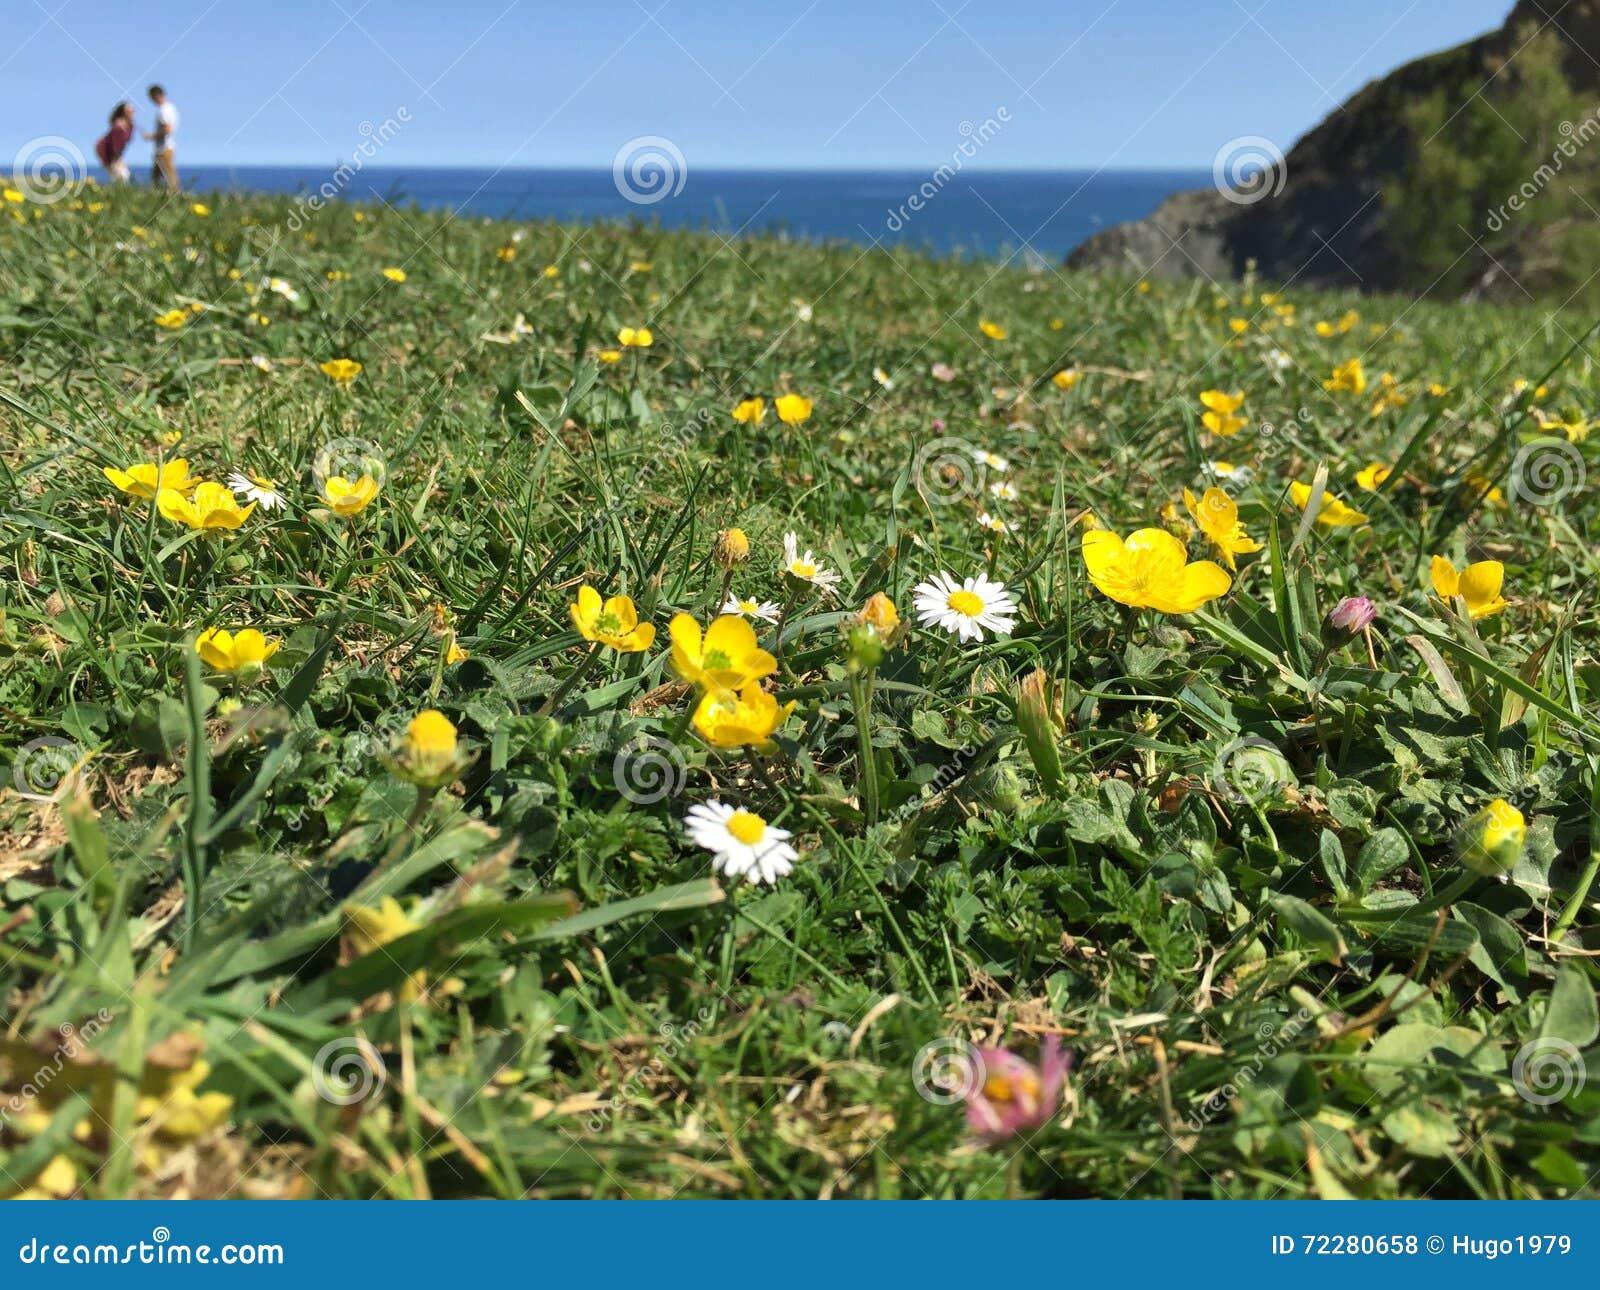 Download Цветки на зеленой траве стоковое фото. изображение насчитывающей трава - 72280658